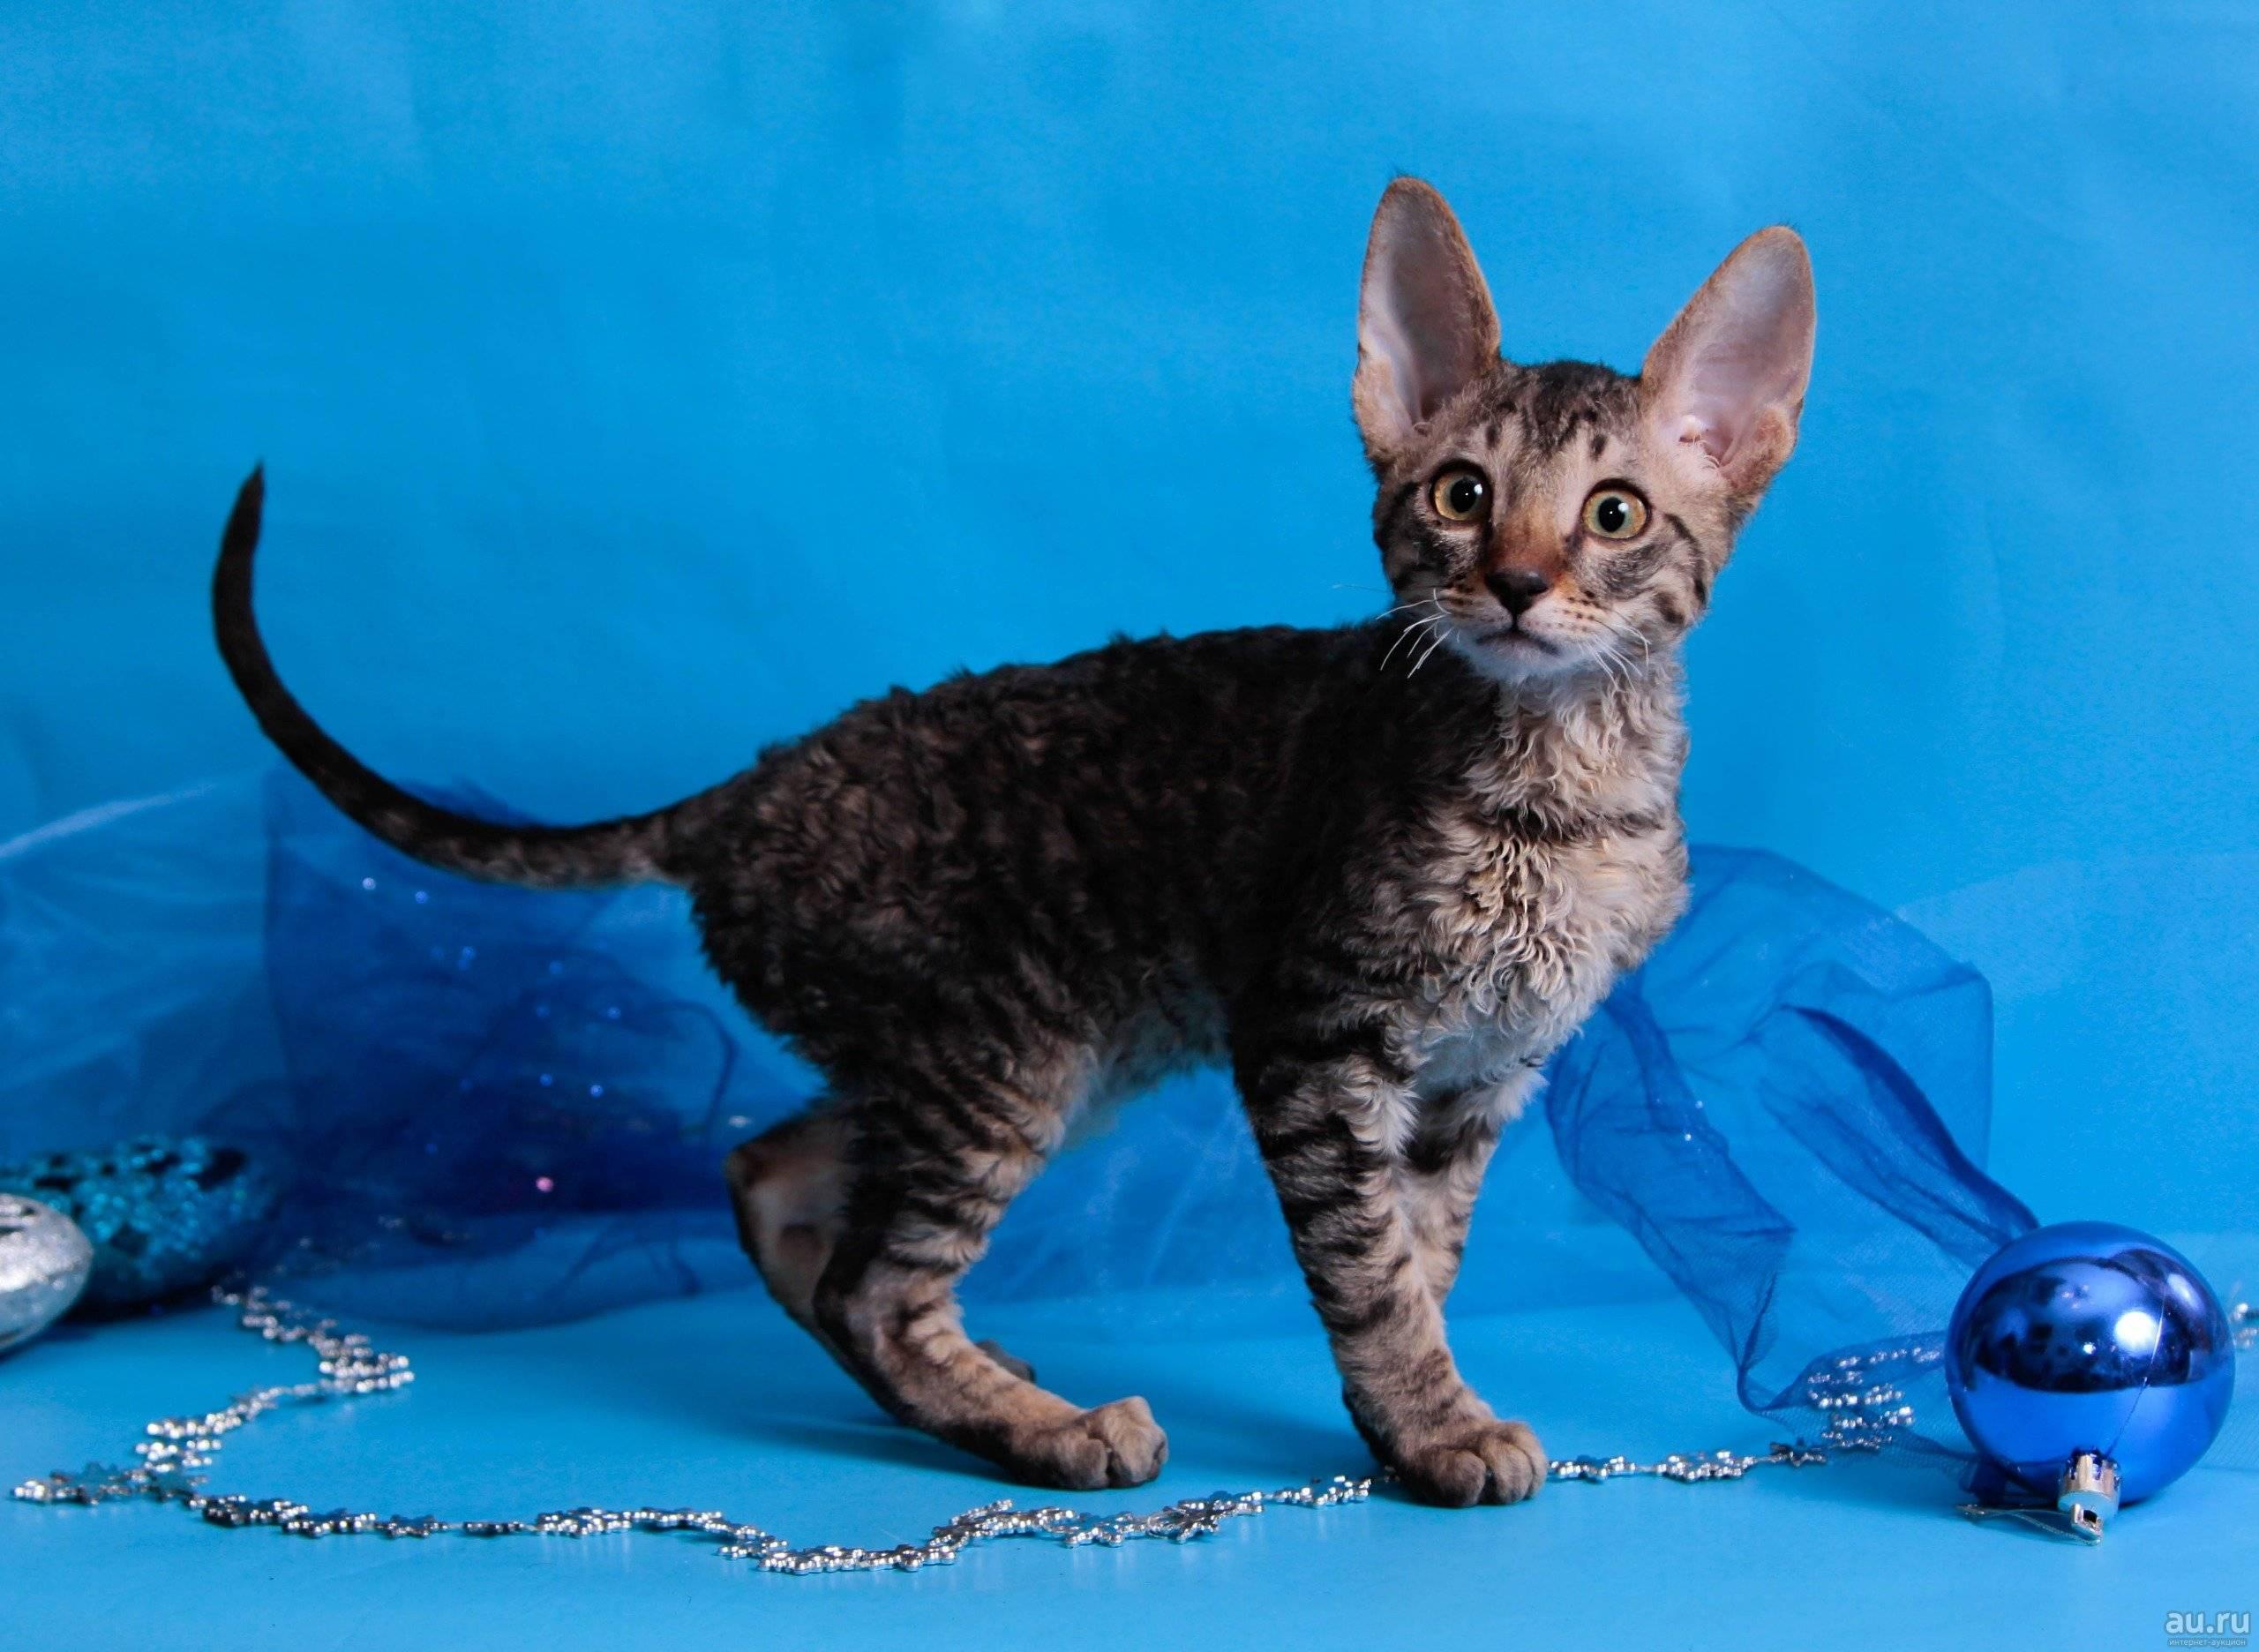 Корниш-рекс кошка. описание, особенности, уход и цена за породой кошек корниш-рекс